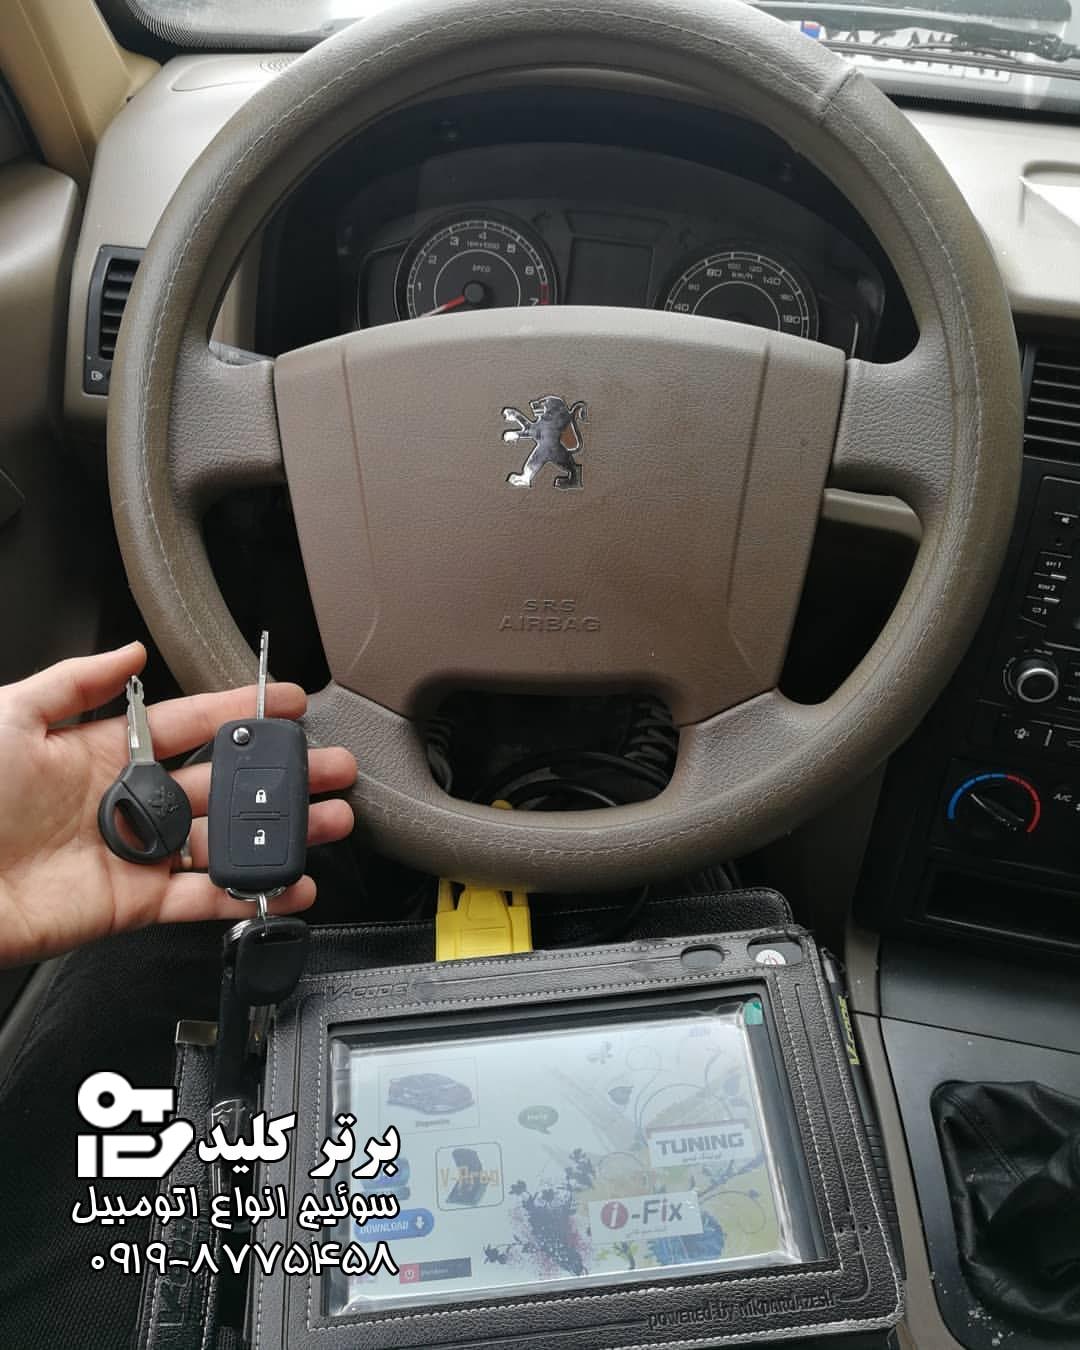 سوئیچ های کددار انواع اتومبیلهای داخلی و خارجی